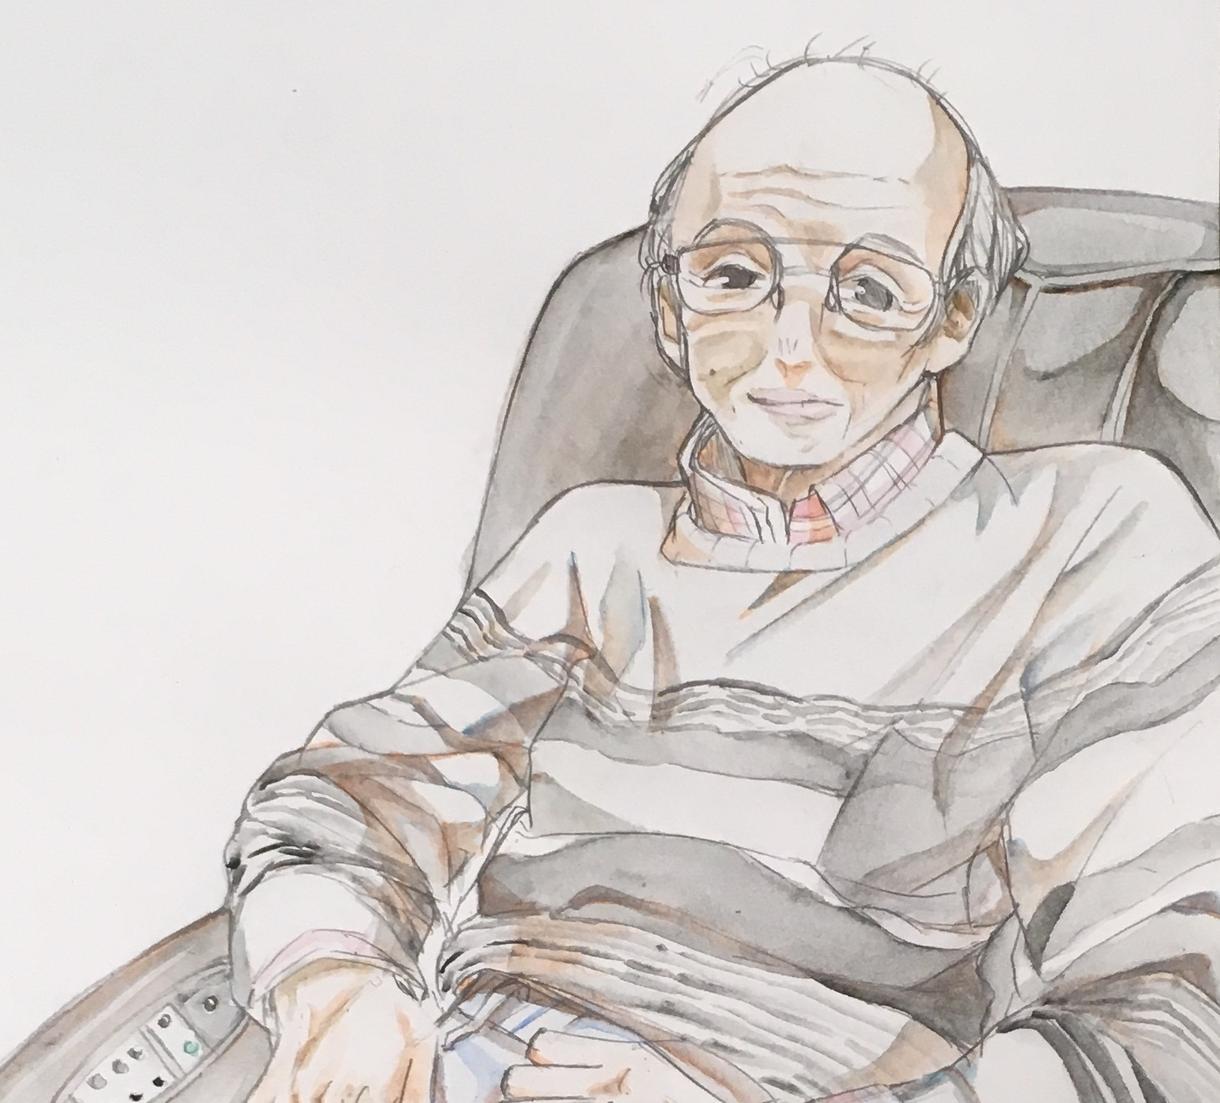 アナログで人物の似顔絵イラストを描きます 観賞用、アイコン用、プレゼント用などにおススメです。